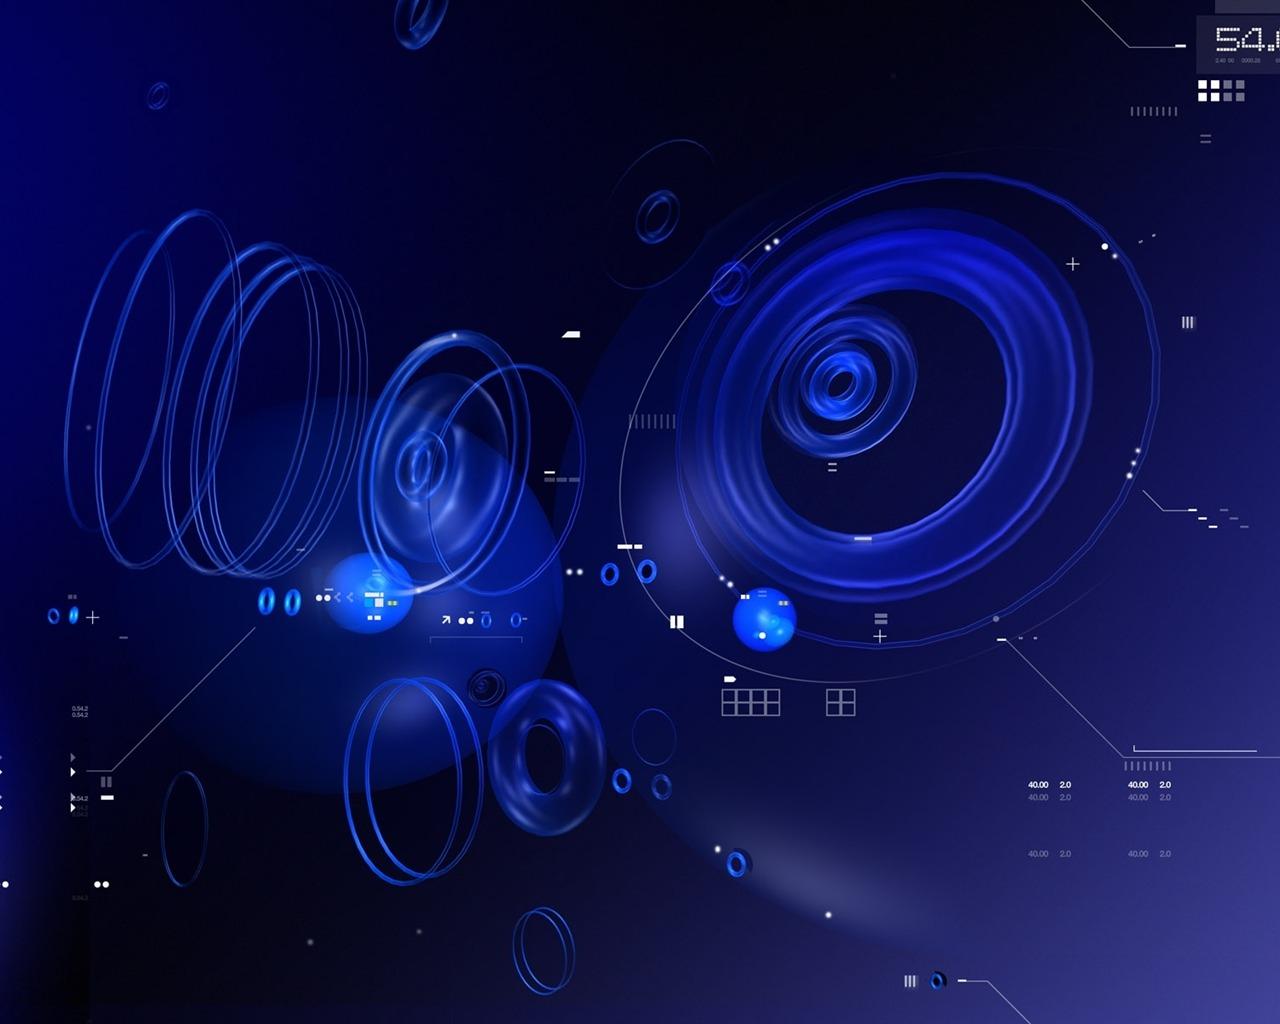 蓝黑色的抽象-科技品牌广告高清壁纸